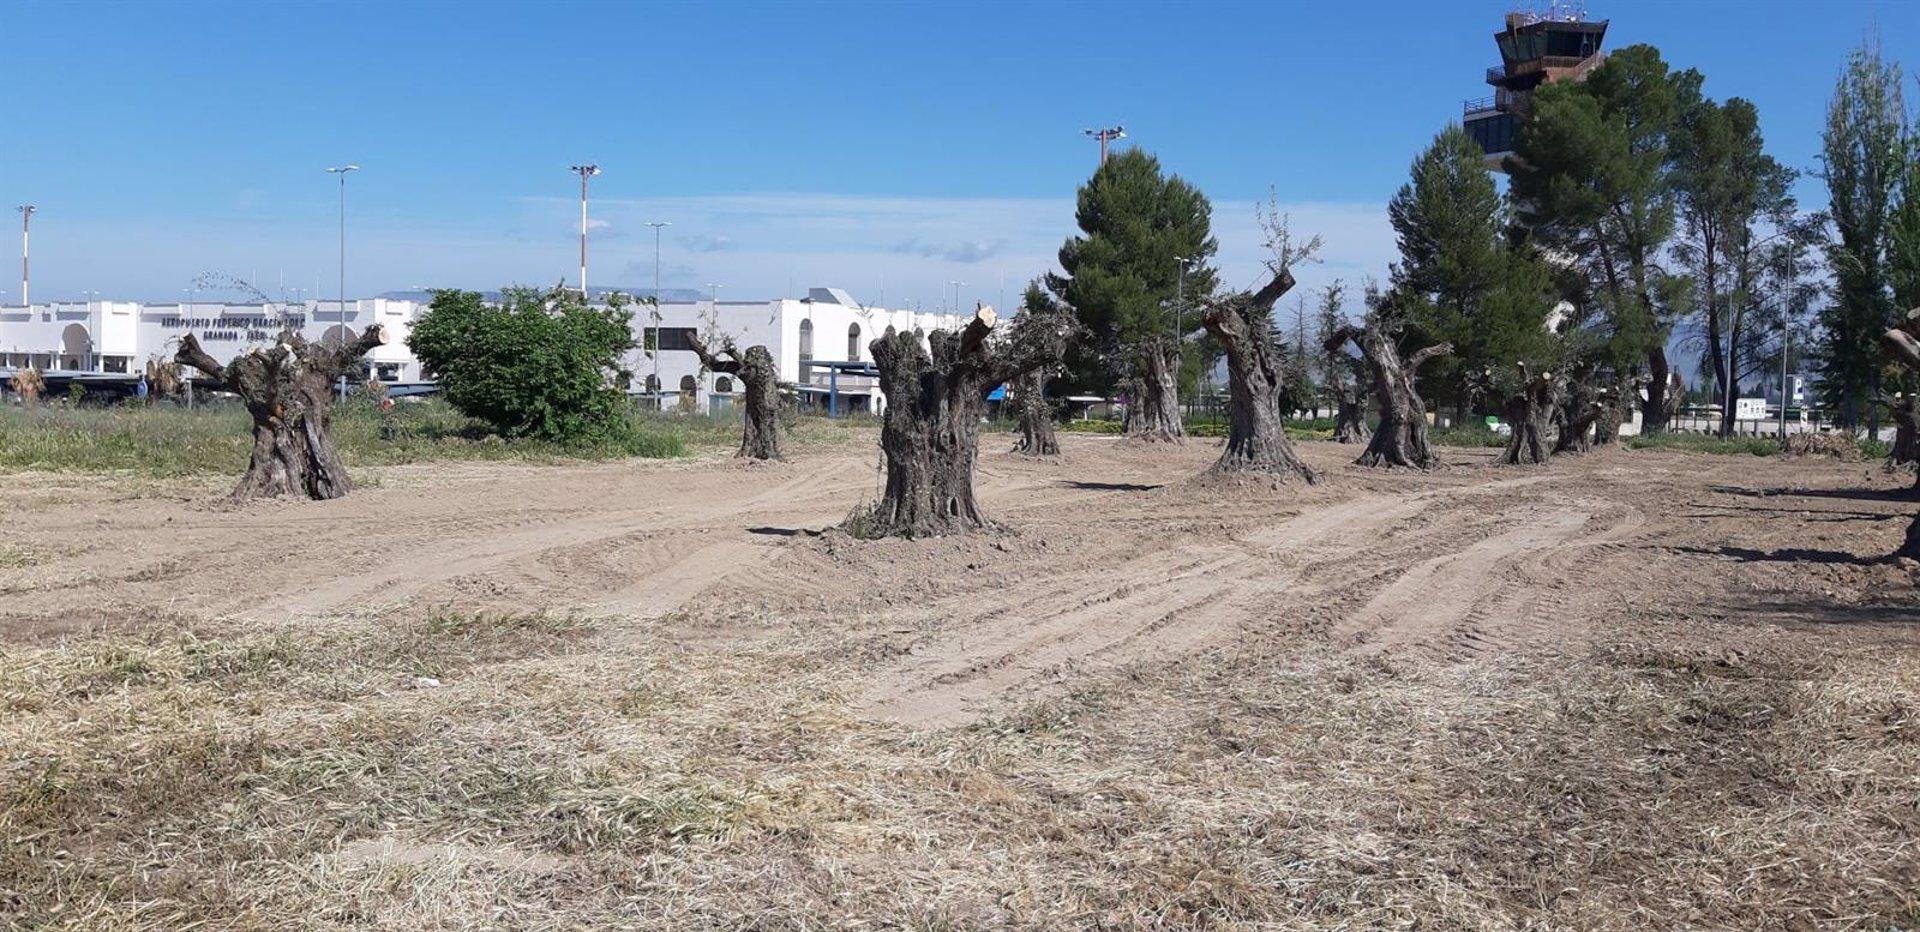 El aeropuerto se incorpora al proyecto 'La Huella Verde' y acoge la replantación de 20 ejemplares de olivo